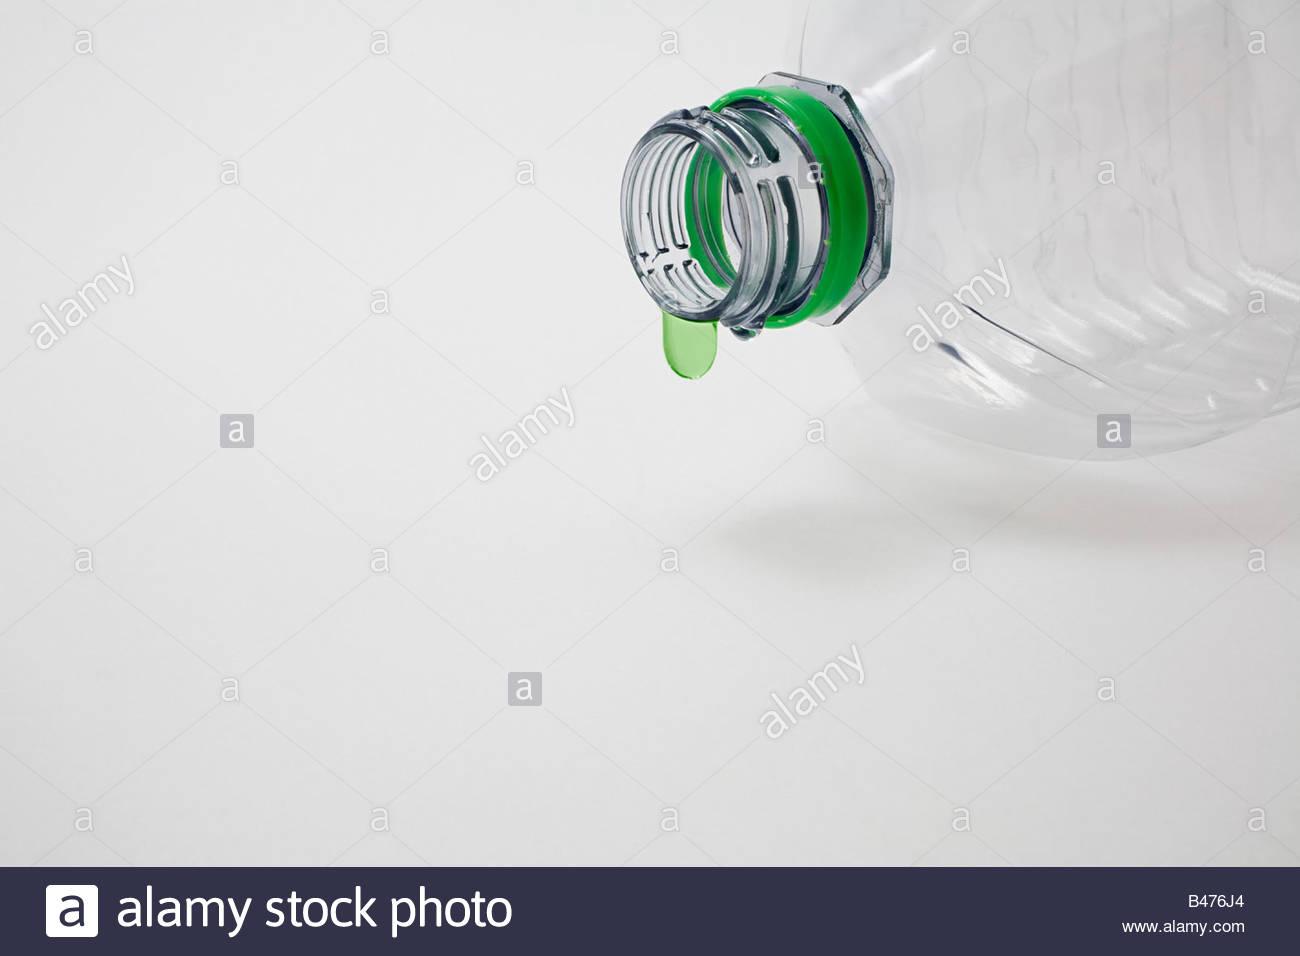 Una gota verde en un frasco de plástico Imagen De Stock